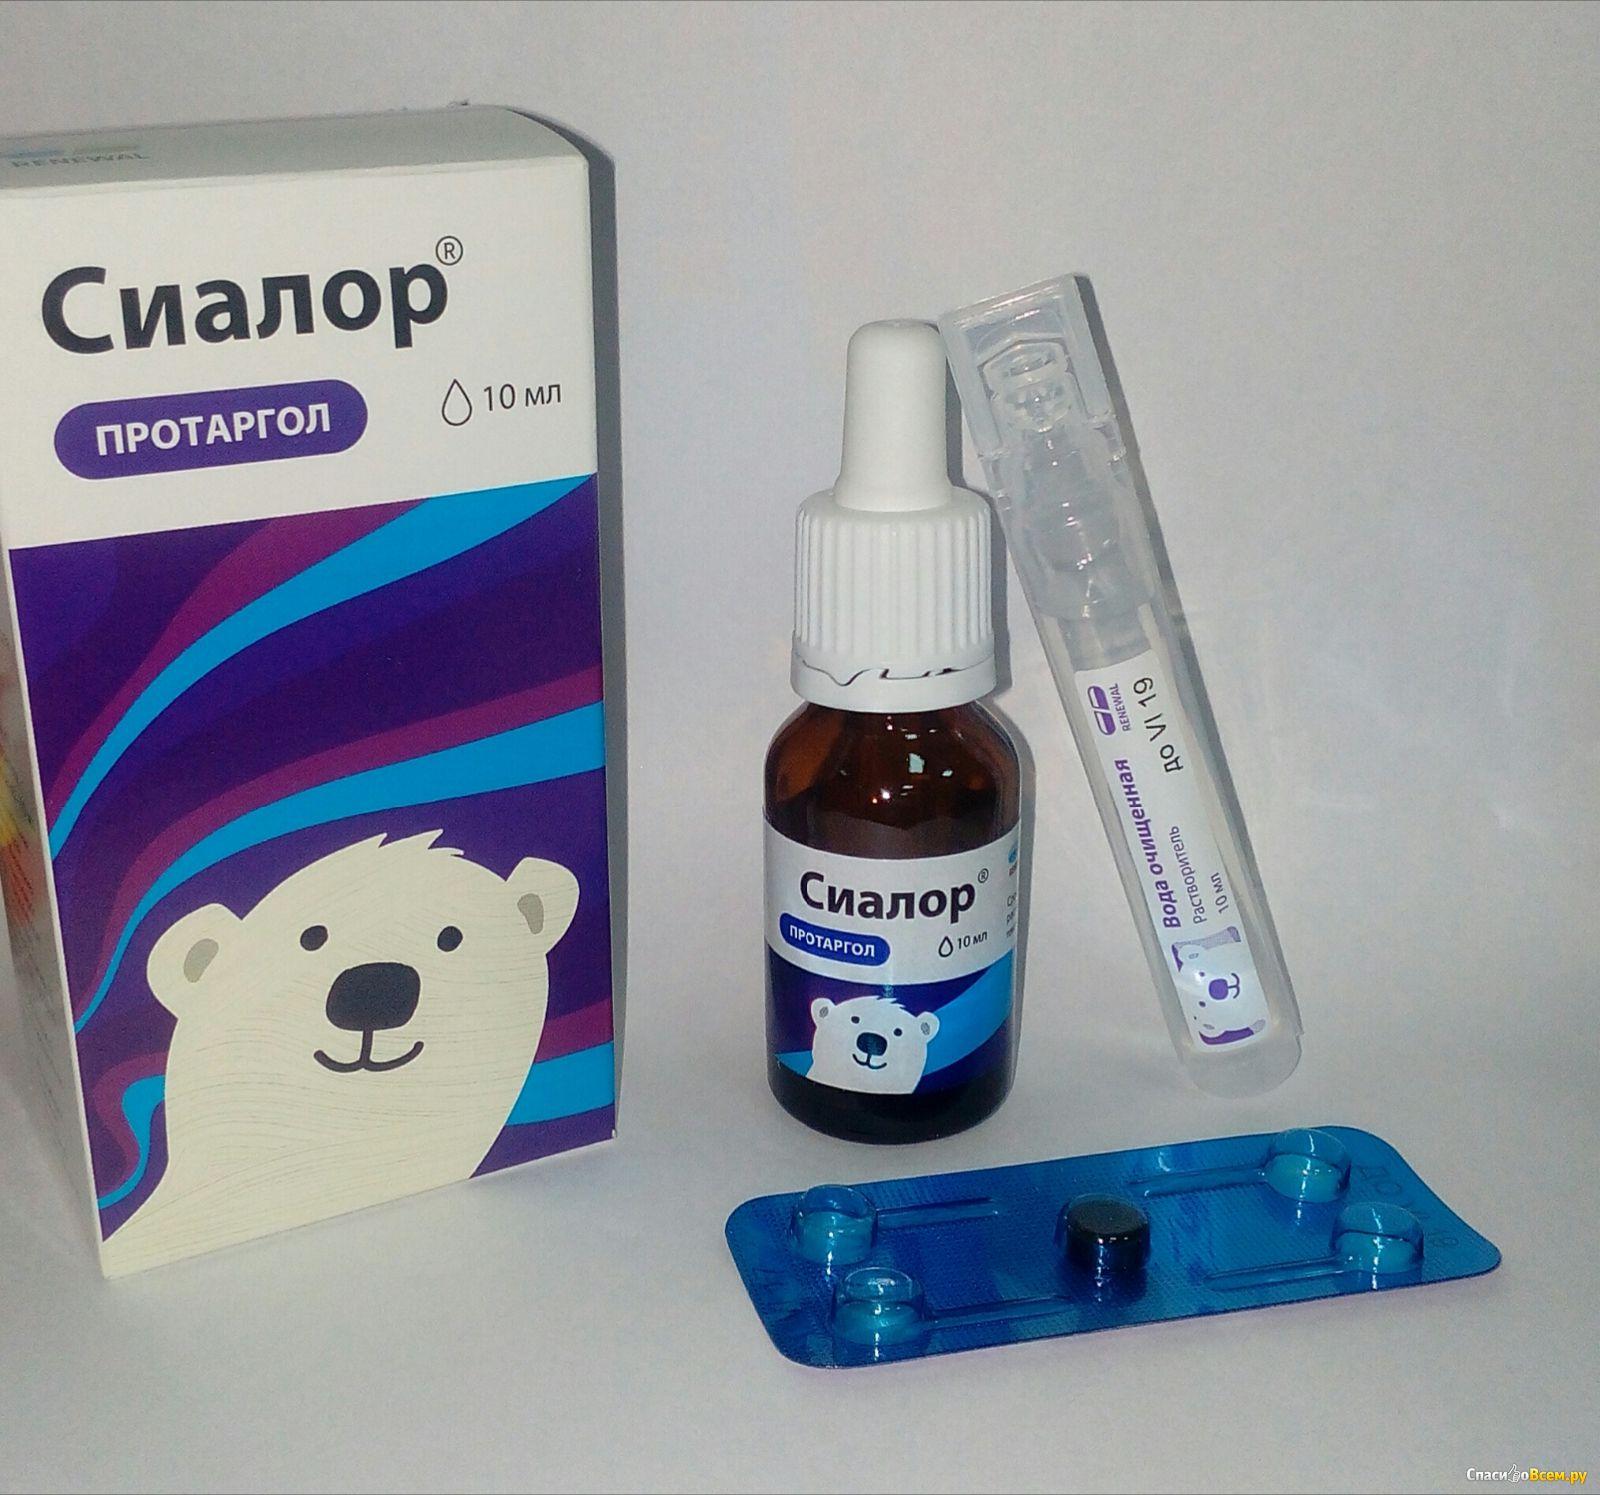 Протаргол (сиалор): инструкция по применению, цена, отзывы для детей и новорожденных, состав || протаргол капли при беременности